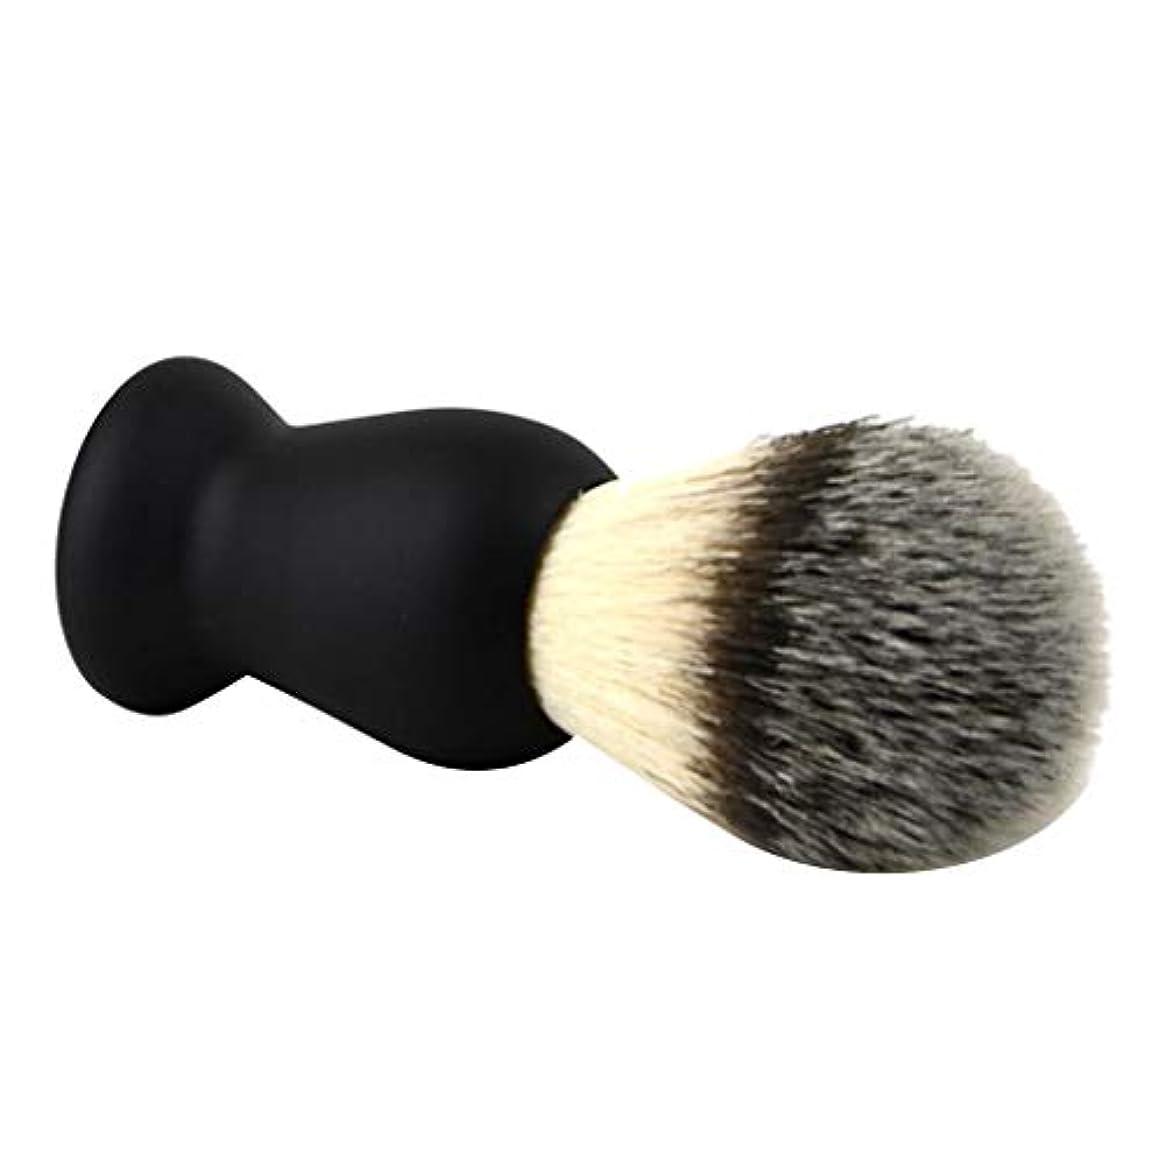 ハイキング分類する海外でシェービングブラシ メンズ ひげブラシ 剃毛ブラシ ABSハンドル+ナイロン 泡立て 散髪整理